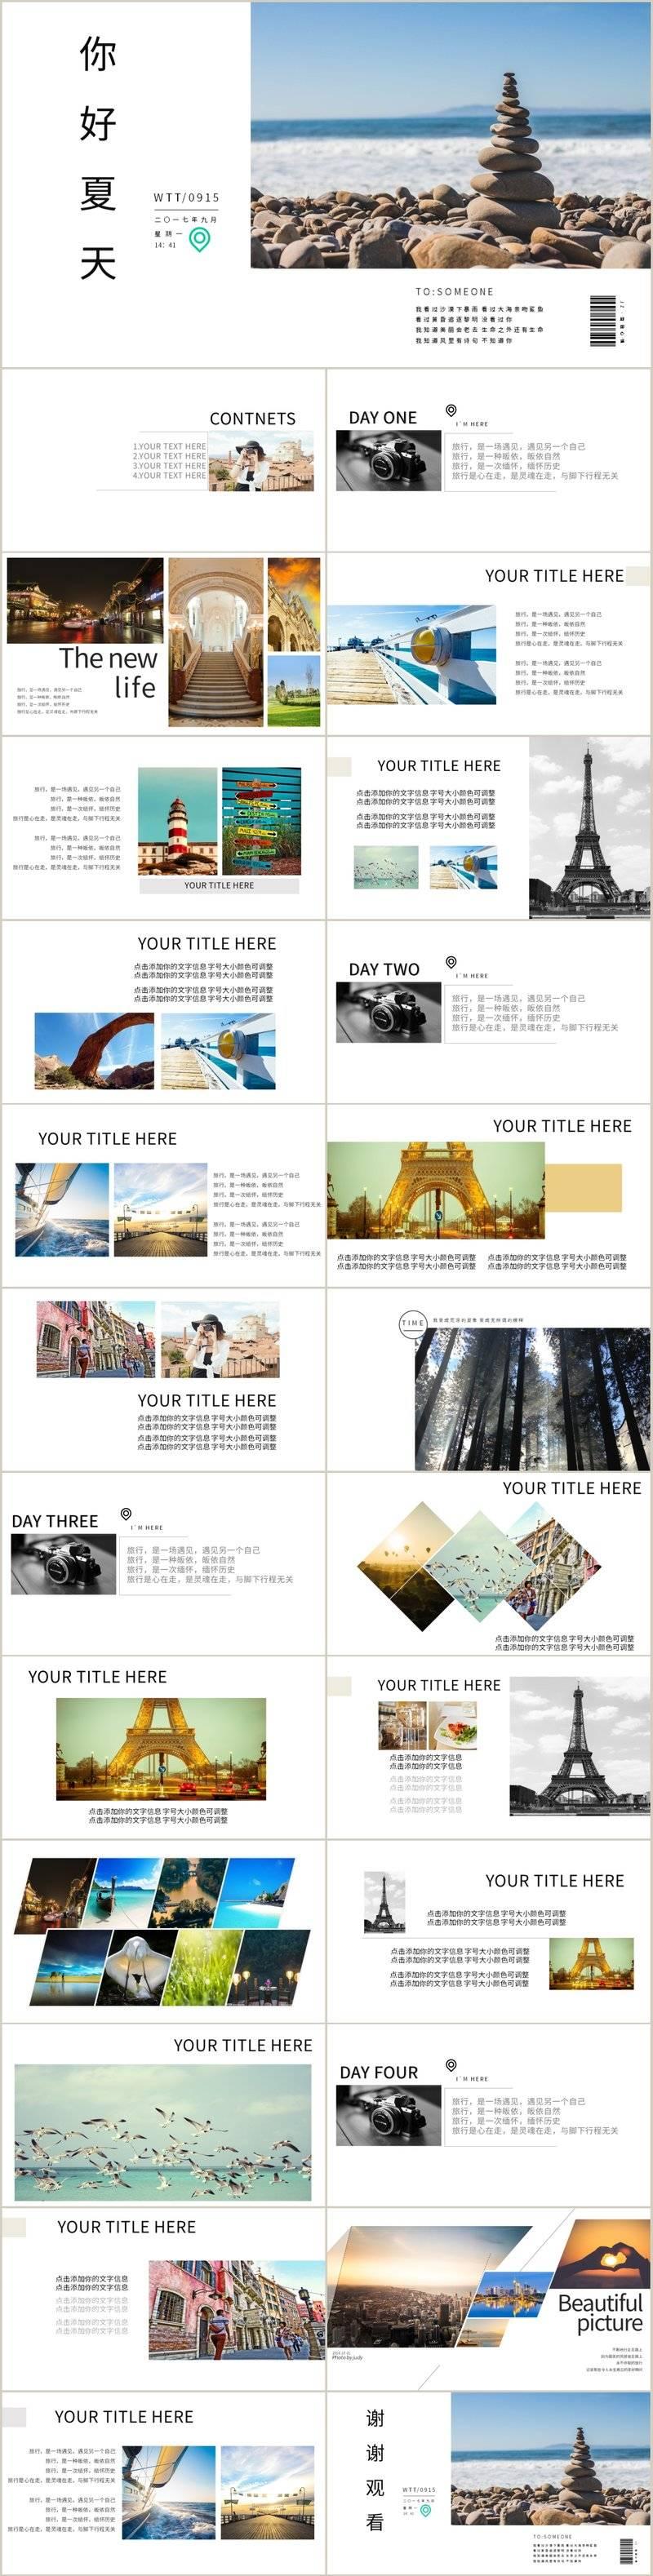 小清新杂志风你好夏天旅游日记旅途风景相册PPT模板